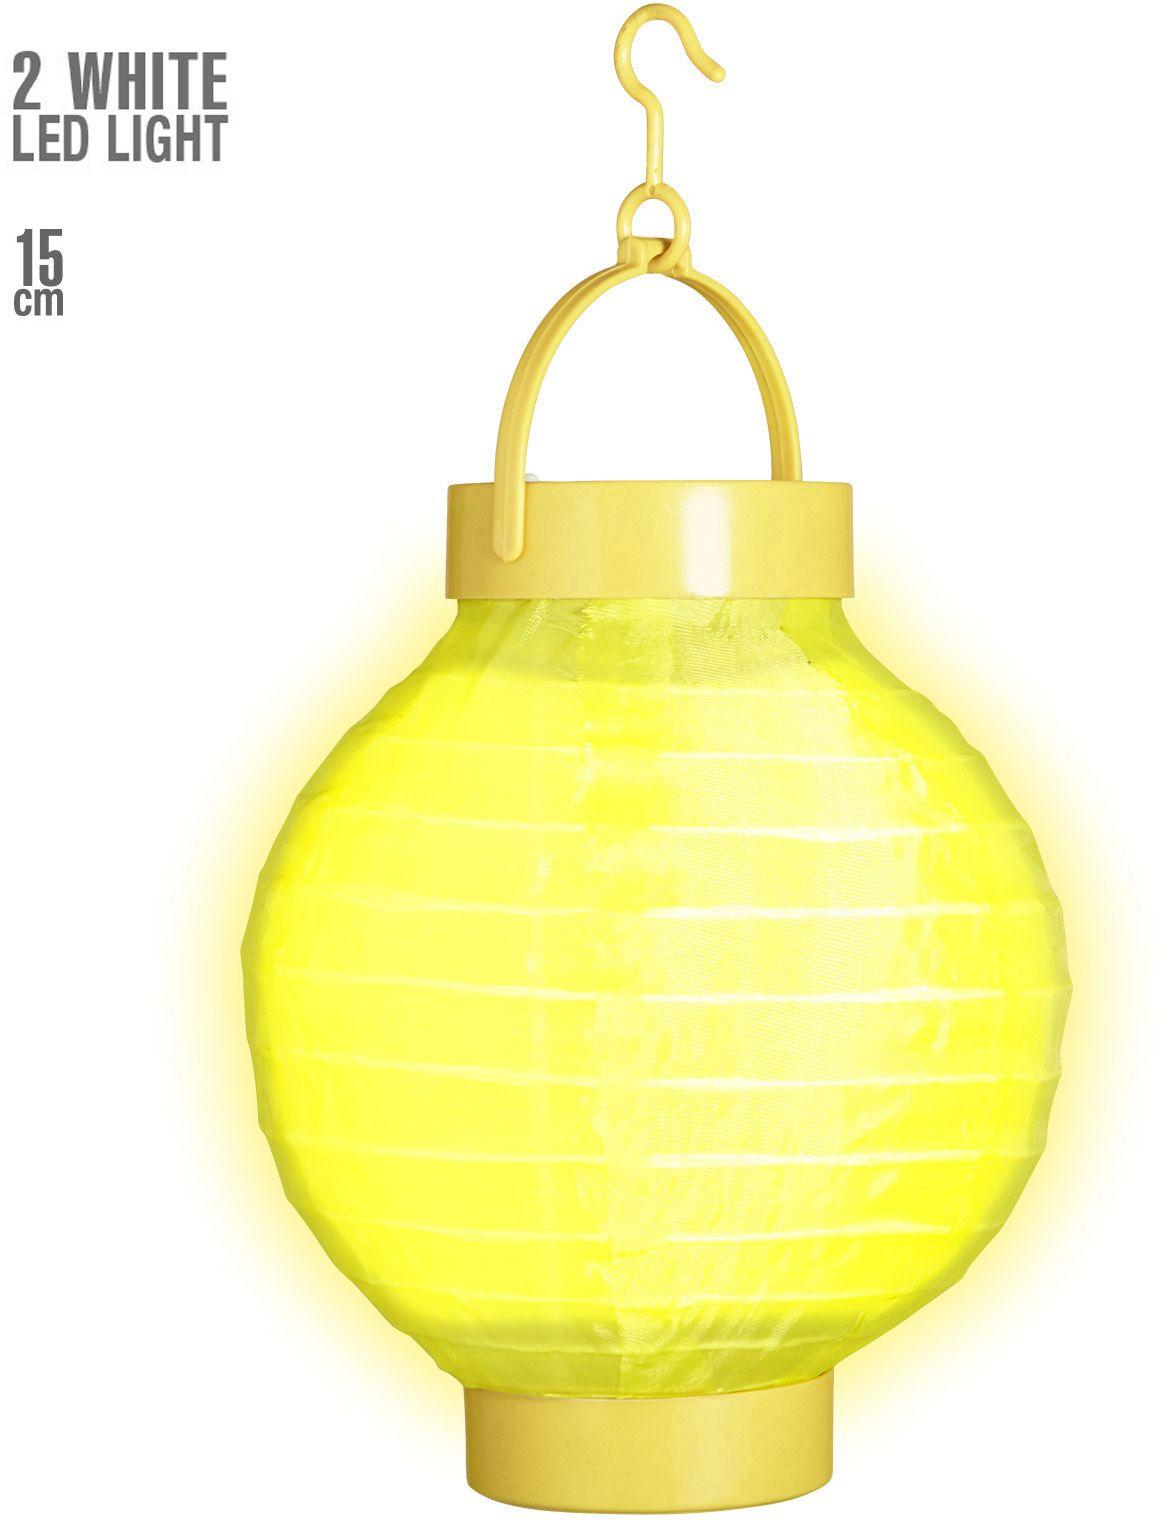 Gele stoffen lantaarn met 2 witte LED lichten